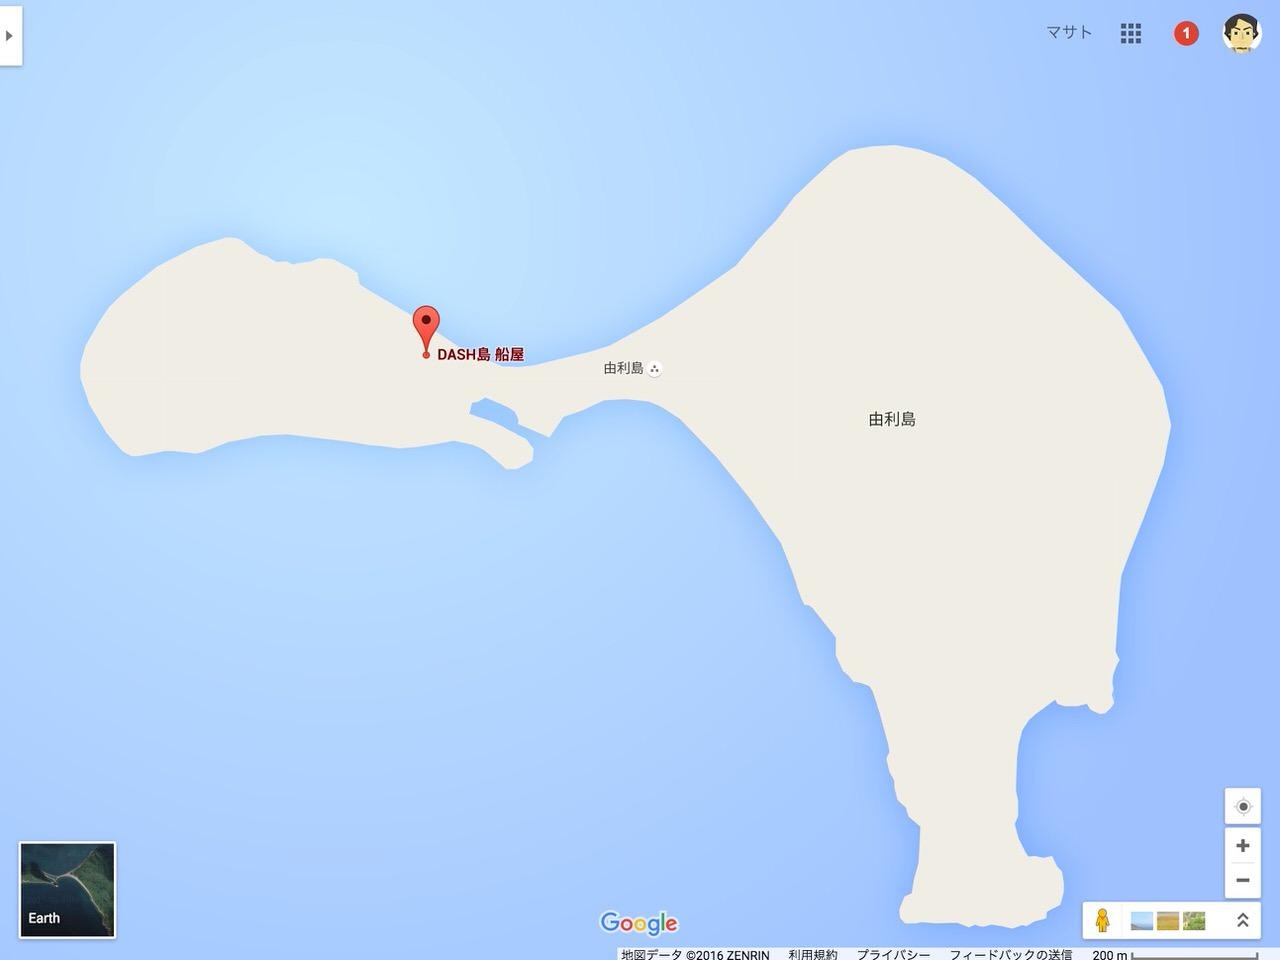 GoogleマップでDASH島が見つかる